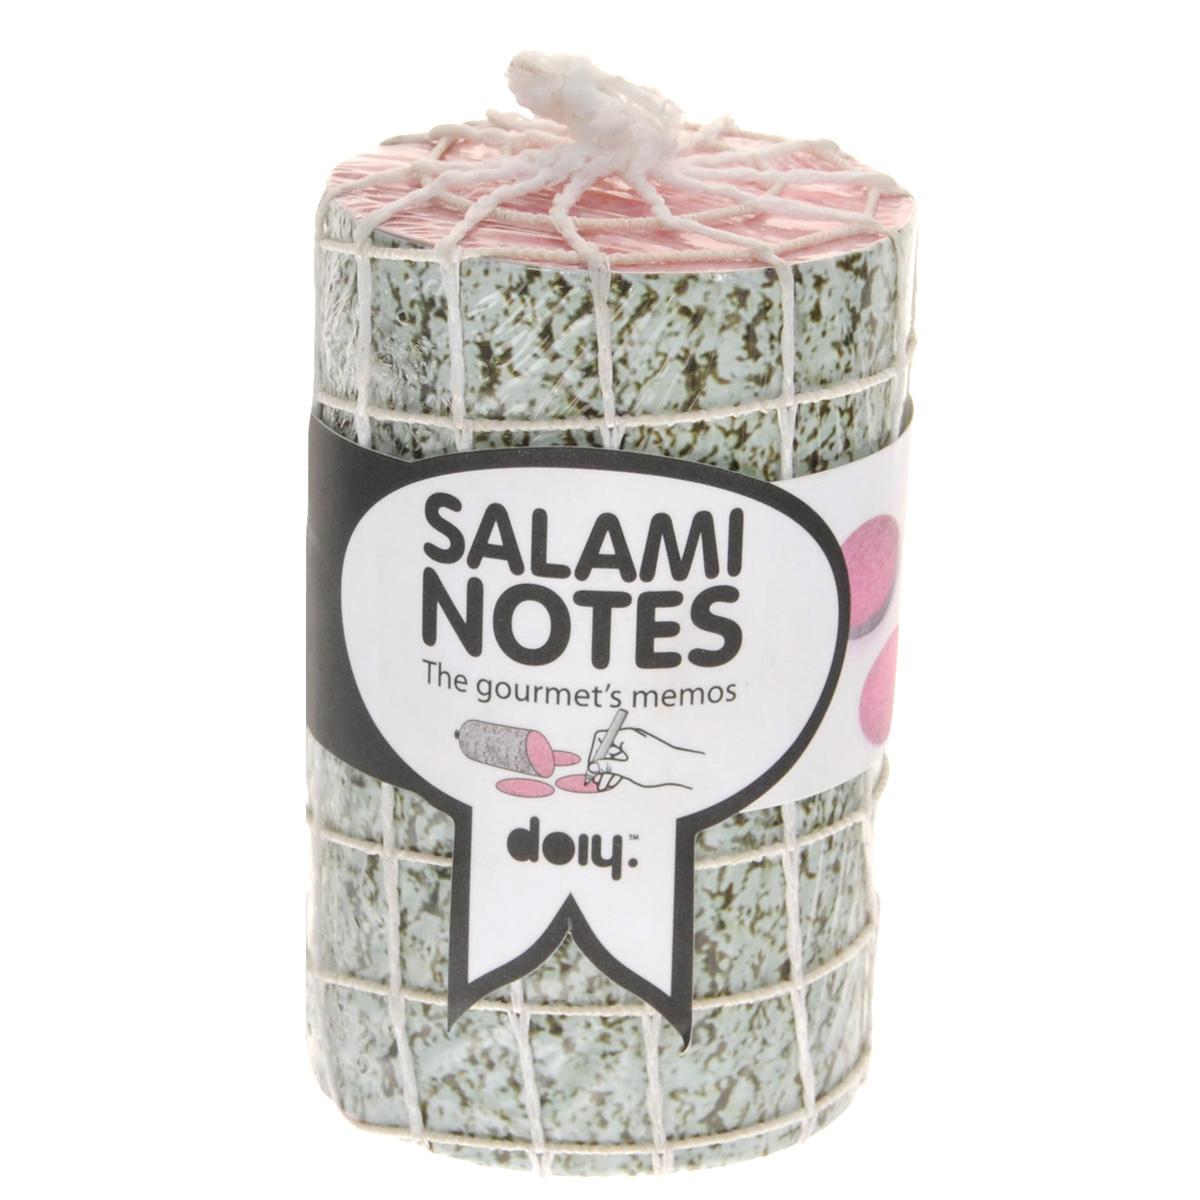 Блок для записей Doiy Salami, диаметр 6 смDOSNBASБлок для записей Doiy Salami отлично подойдет для важных записей и пометок. Блок, выполненный в виде аппетитной колбаски, включает в себя 1000 листов из высококачественной бумаги. Записки, сделанные на такихлистках, никогда не останутся незамеченными, а важные дела не будут забыты.Блок для записей станет не только практичным офисным или домашним инструментом, но и украсит ваш рабочий стол и обязательноподнимет настроение!